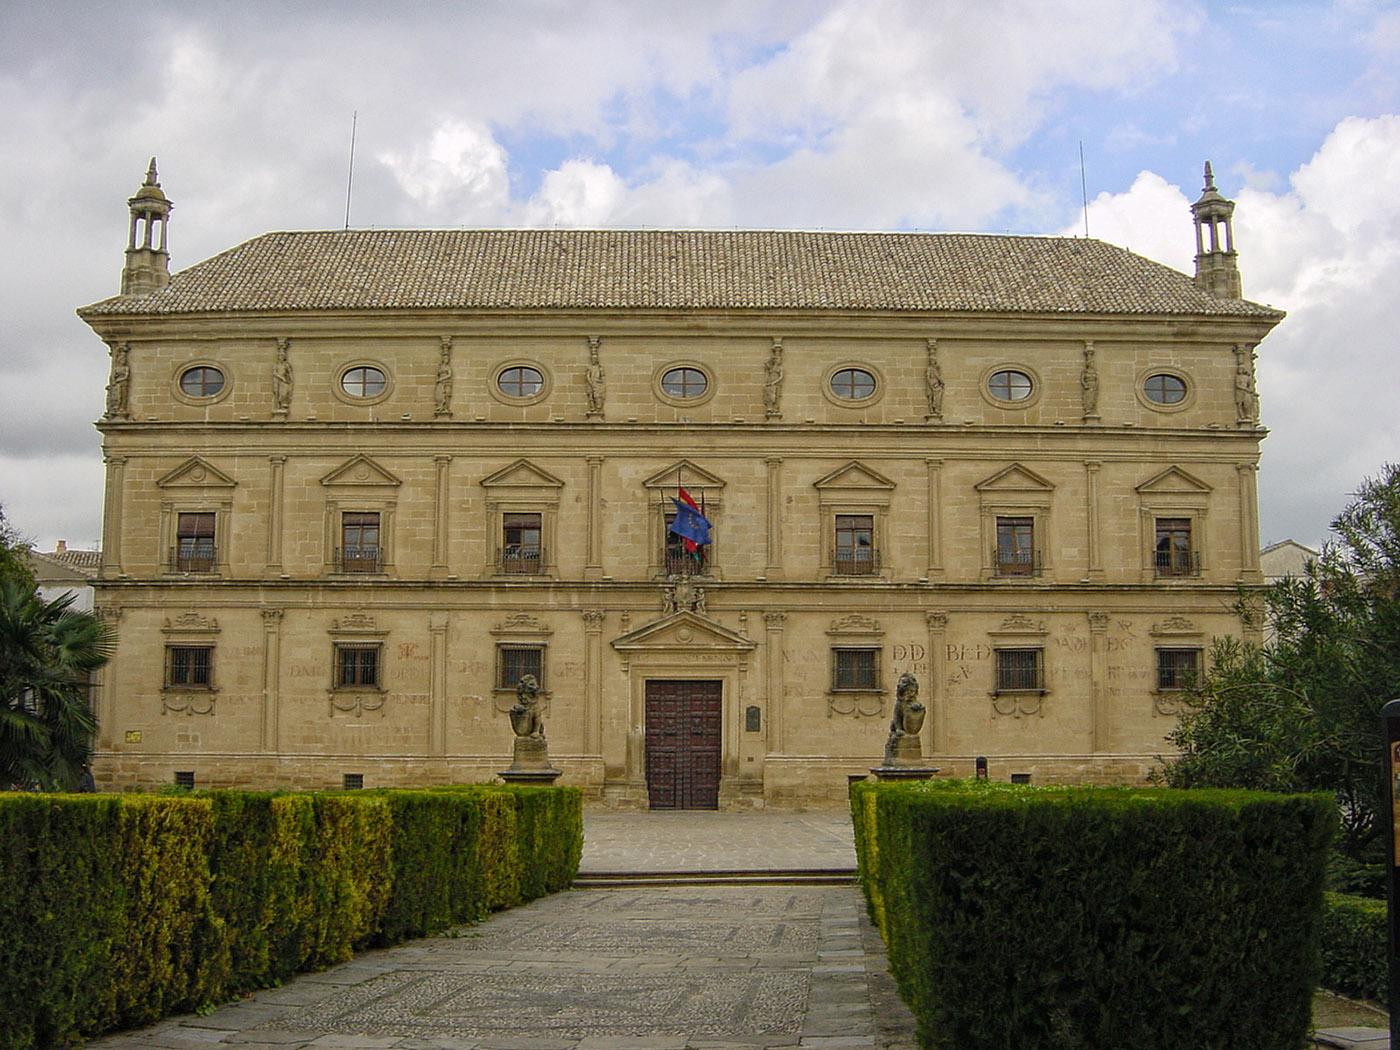 Palacio de las Cadenas.